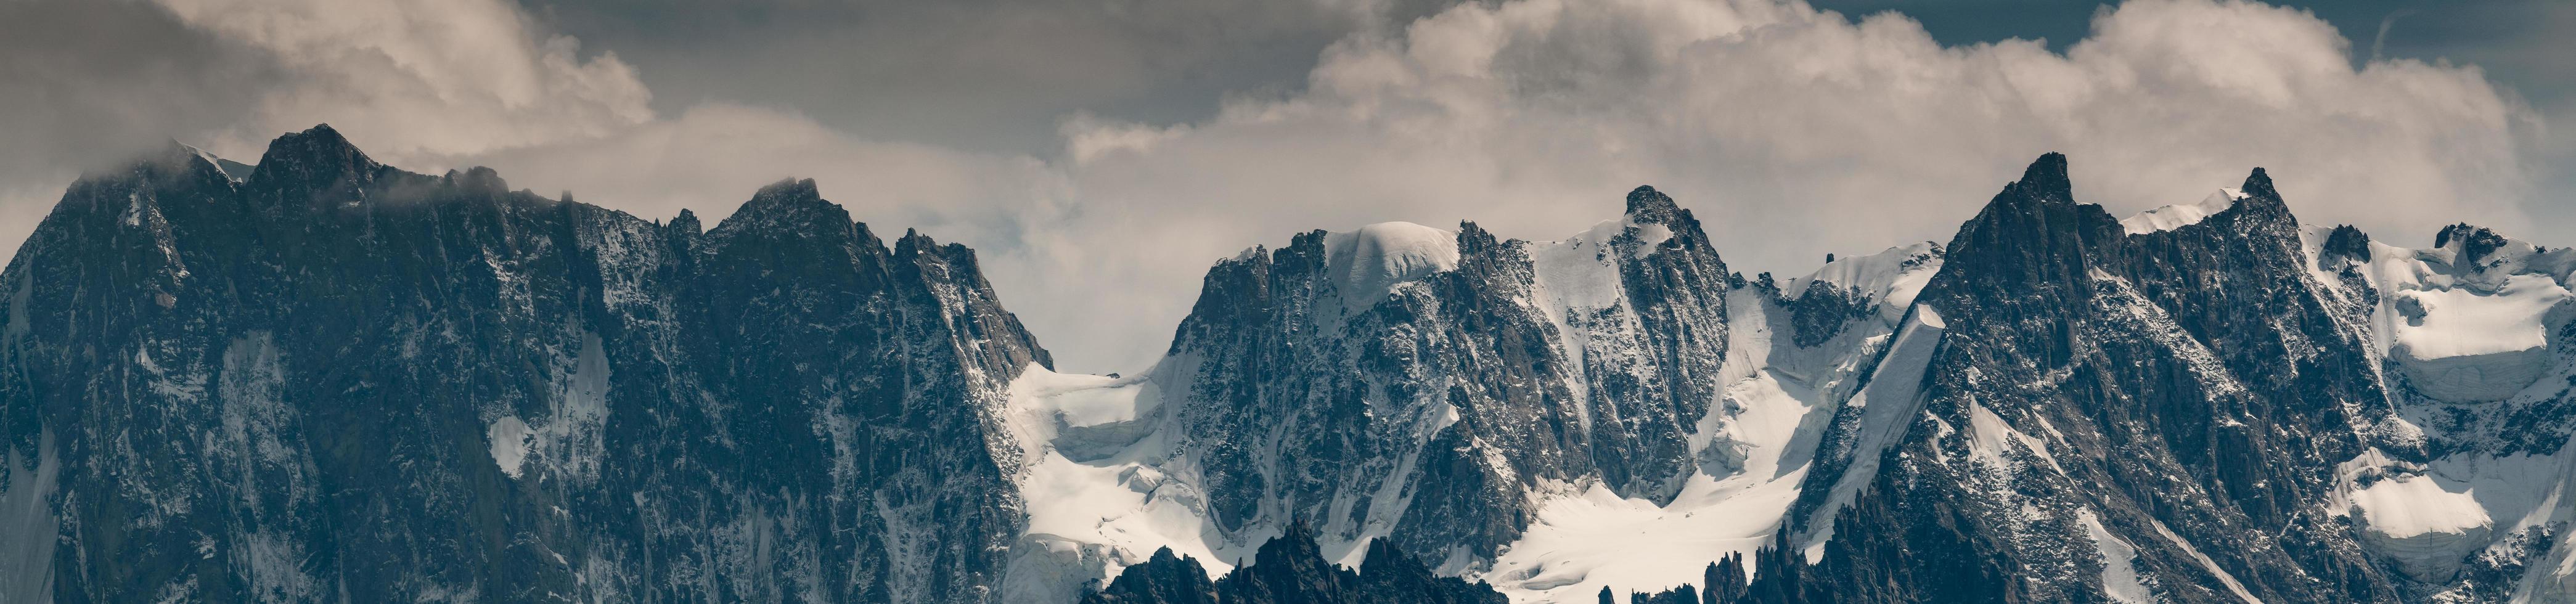 panorama della montagna grandes jorasses foto